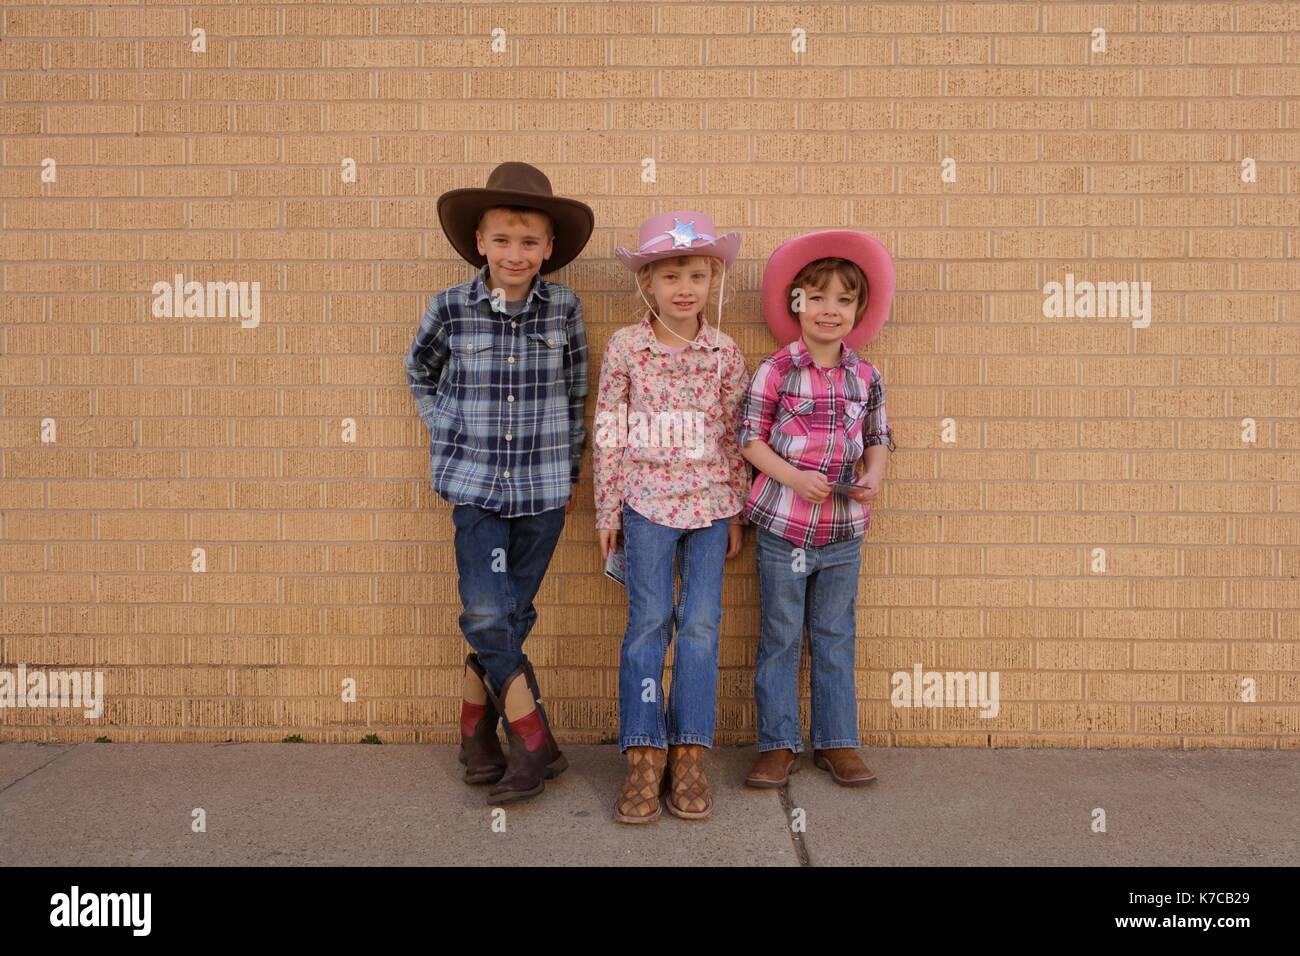 Tres Niños Vestidos Como Vaqueros Foto Imagen De Stock